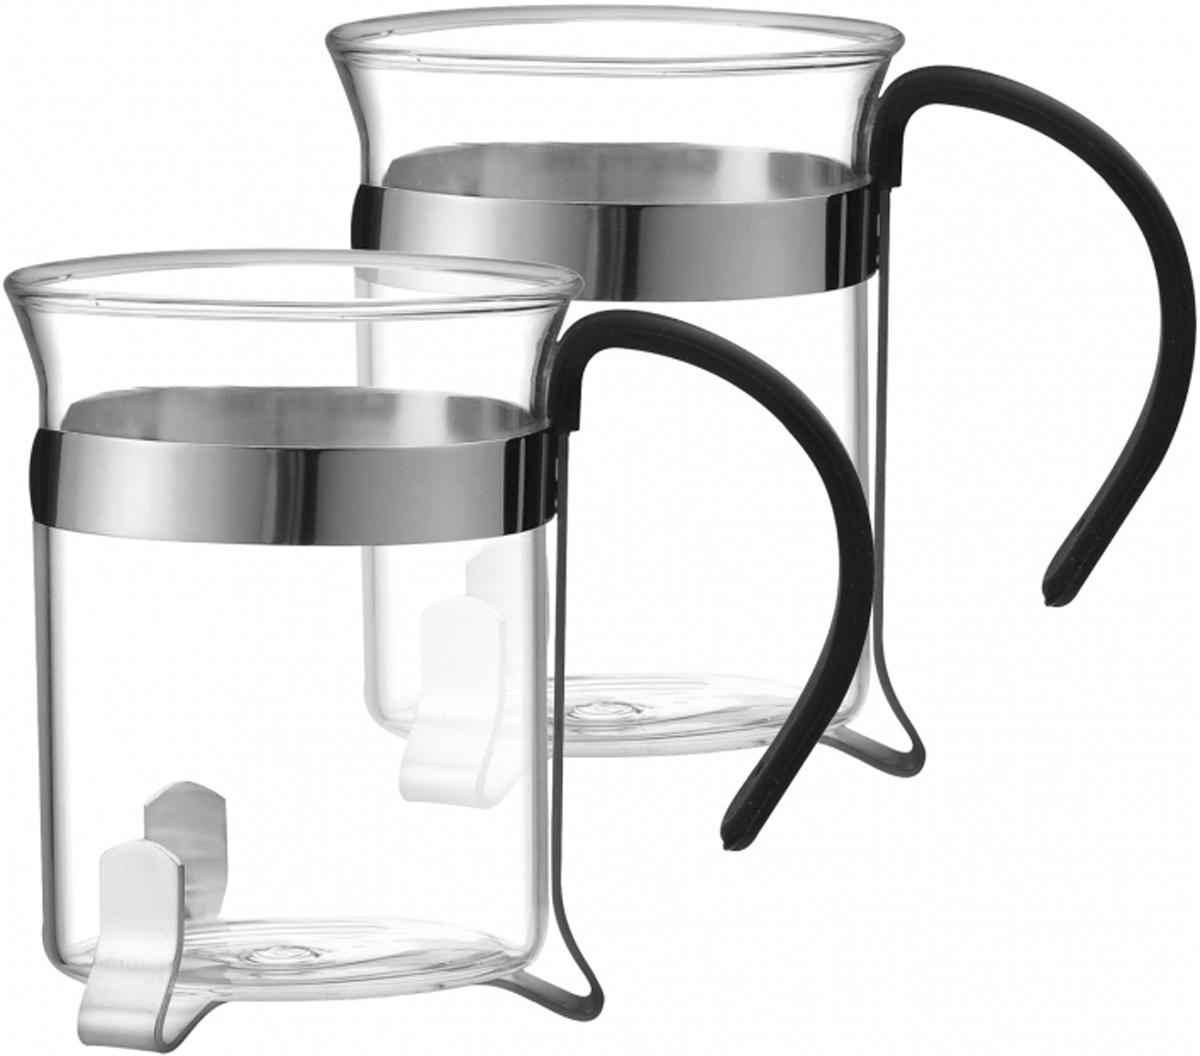 Набор чашек Marta, 200 мл, 2 шт. MT-3726MT-3726Набор Marta состоит из двух чашек из жаропрочного стекла в оправе из нержавеющей стал и оснащены эргономичными ручками. Чашки имеют устойчивое дно, что гарантирует безопасность и удобство при чаепитии. Изделия легко моются и остаются чистыми продолжительное время.Набор чашек Marta - отличный подарок для любителей горячих напитков и ценителей посуды из качественных экологически чистых материалов. Он сочетает в себе элегантность и практичность, послужит источником отличного настроения для двоих.Подходят для мытья в посудомоечной машине.